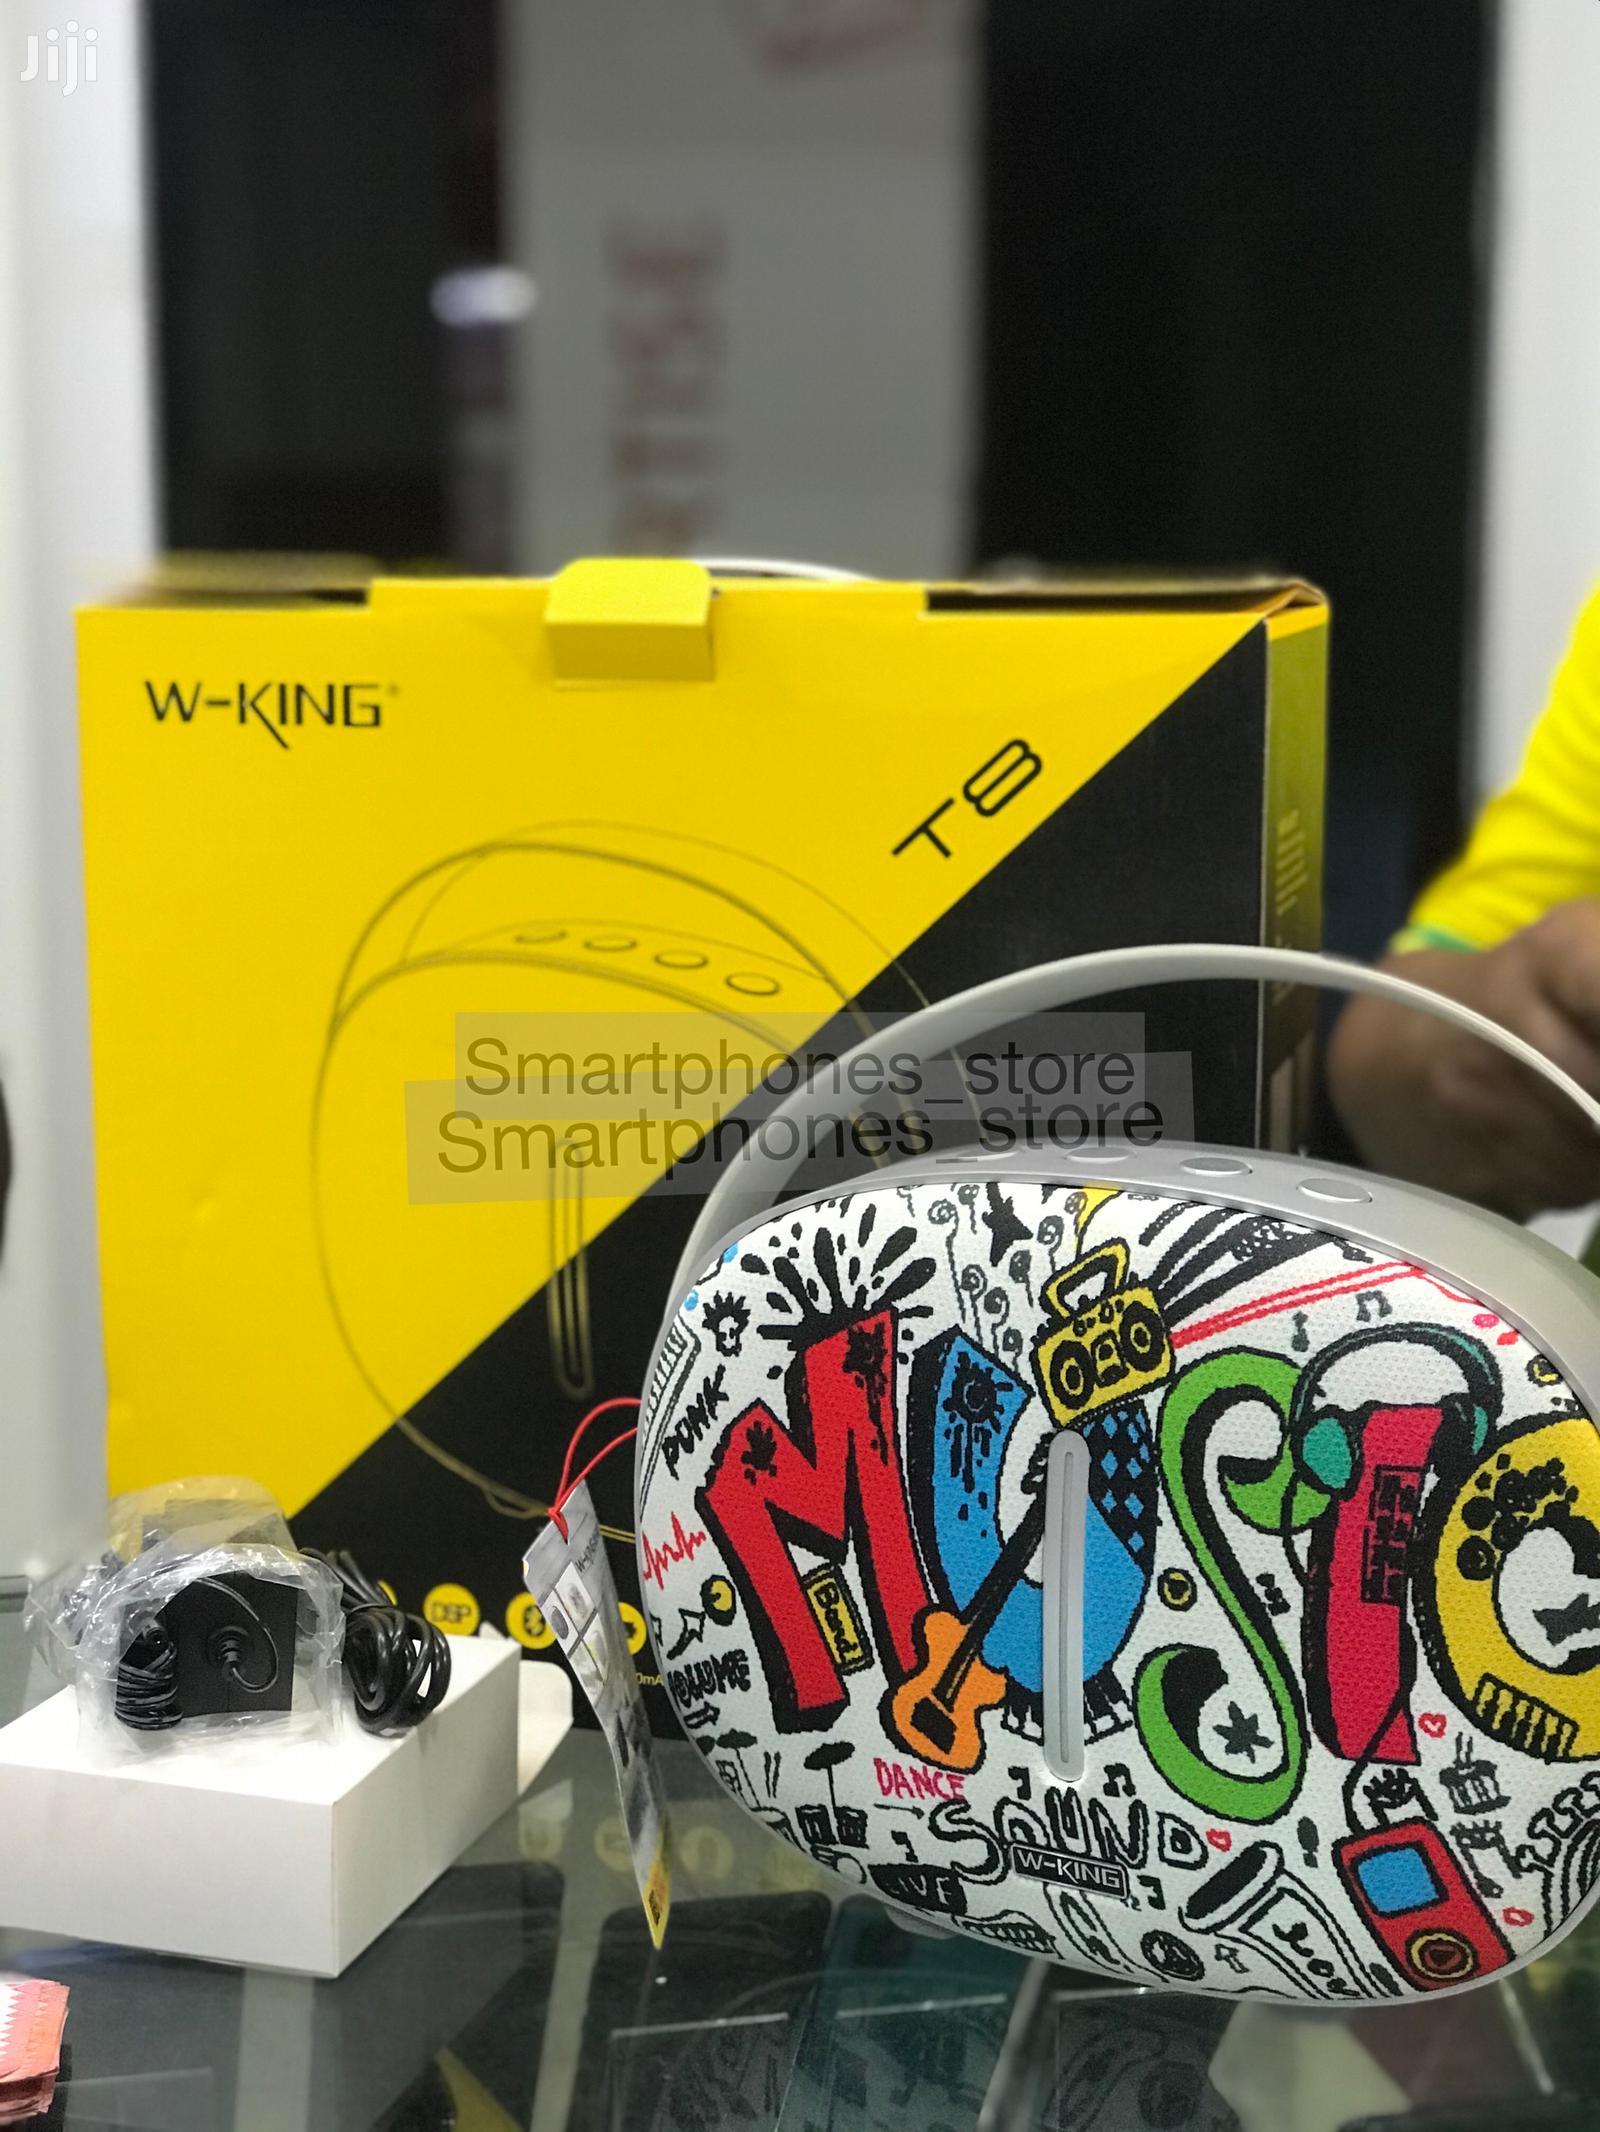 Wk-King T8 Wireless Bluetooth Speaker